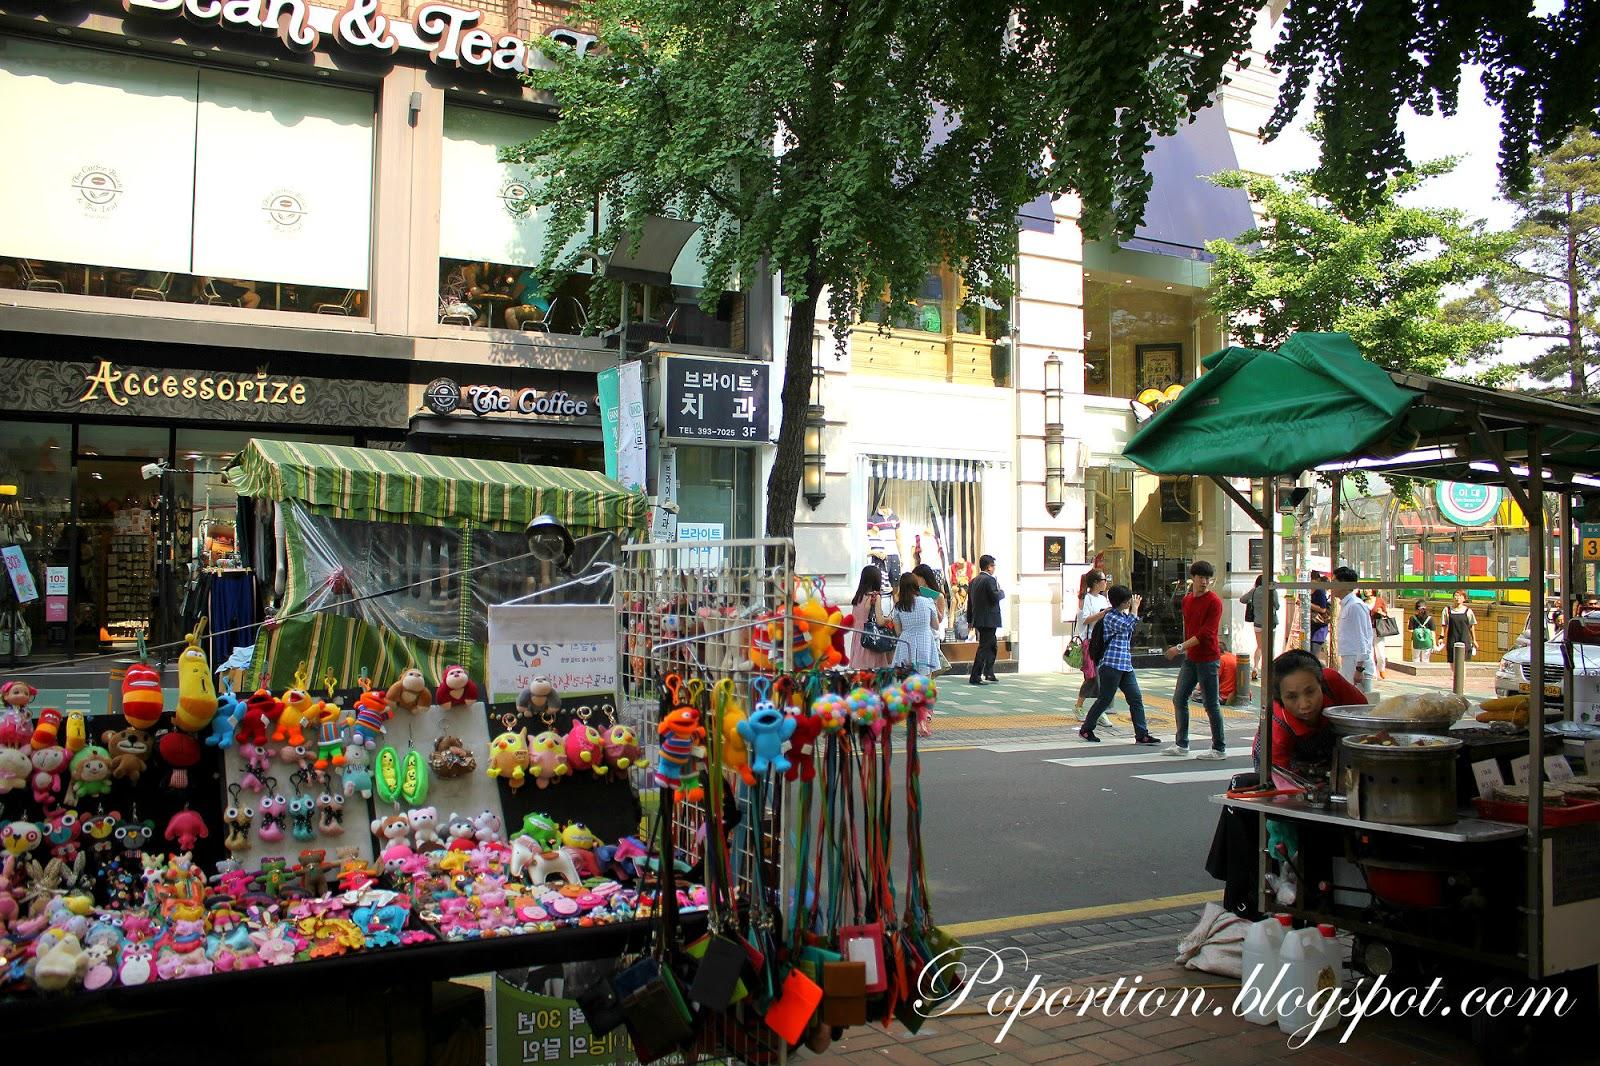 ewha womans university shopping street korea where to go